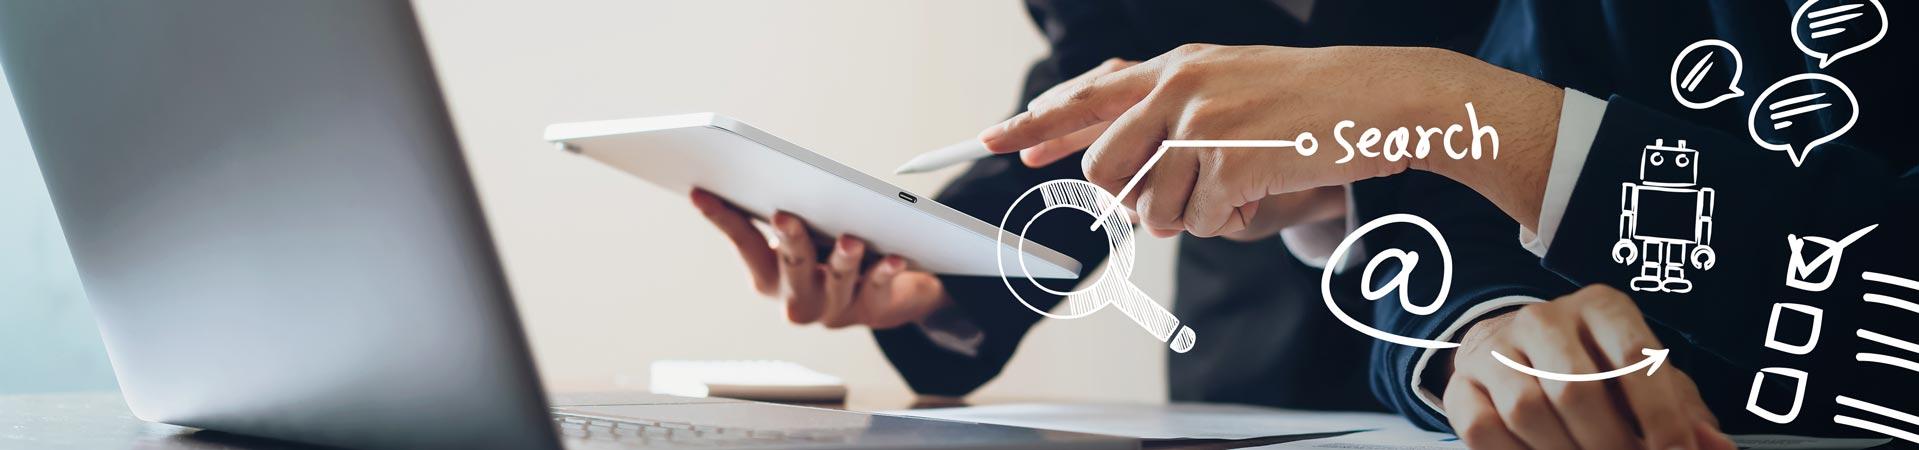 DVAG Bank erzielt erneut Bestnote im Karriere-Rating mit stärkster Positionierung